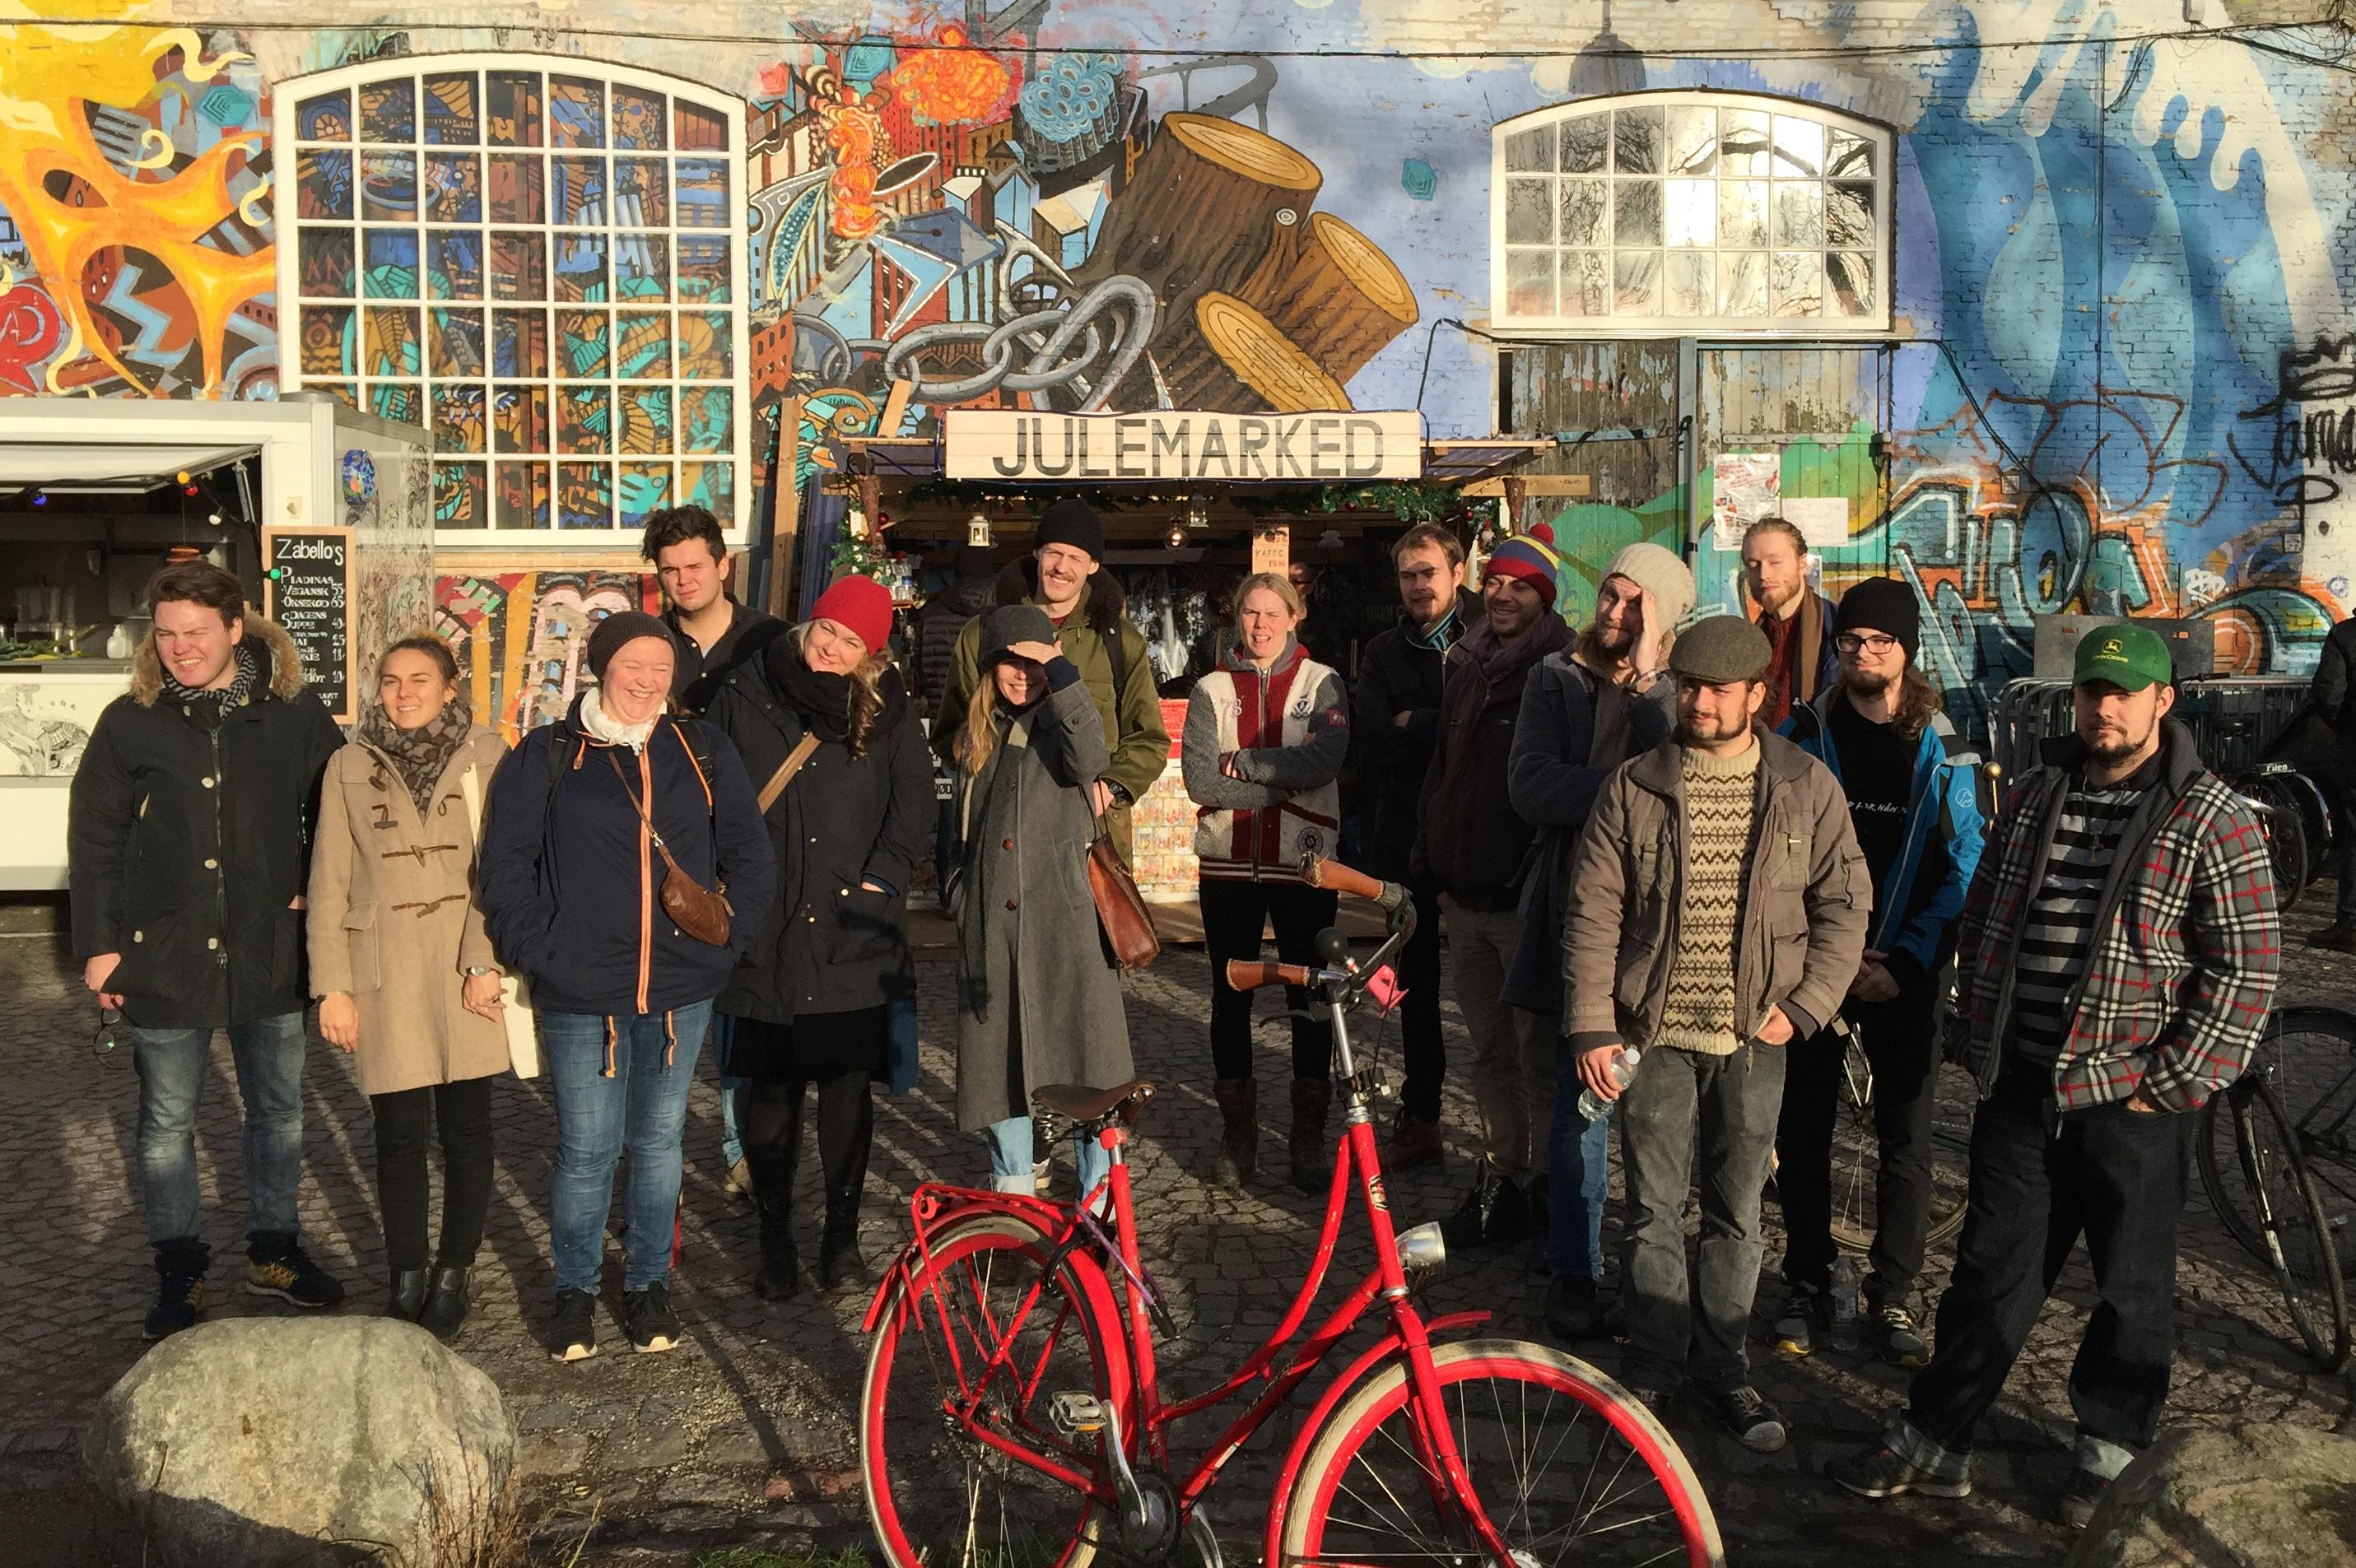 """Besøk på håndverksmarked i den """"grå hal"""" i Christiania. Opplevelsene på vandretur gjennom bydelen var annerledes enn lærlingene hadde forestilt seg når de så de små verkstedene som var etablert der"""